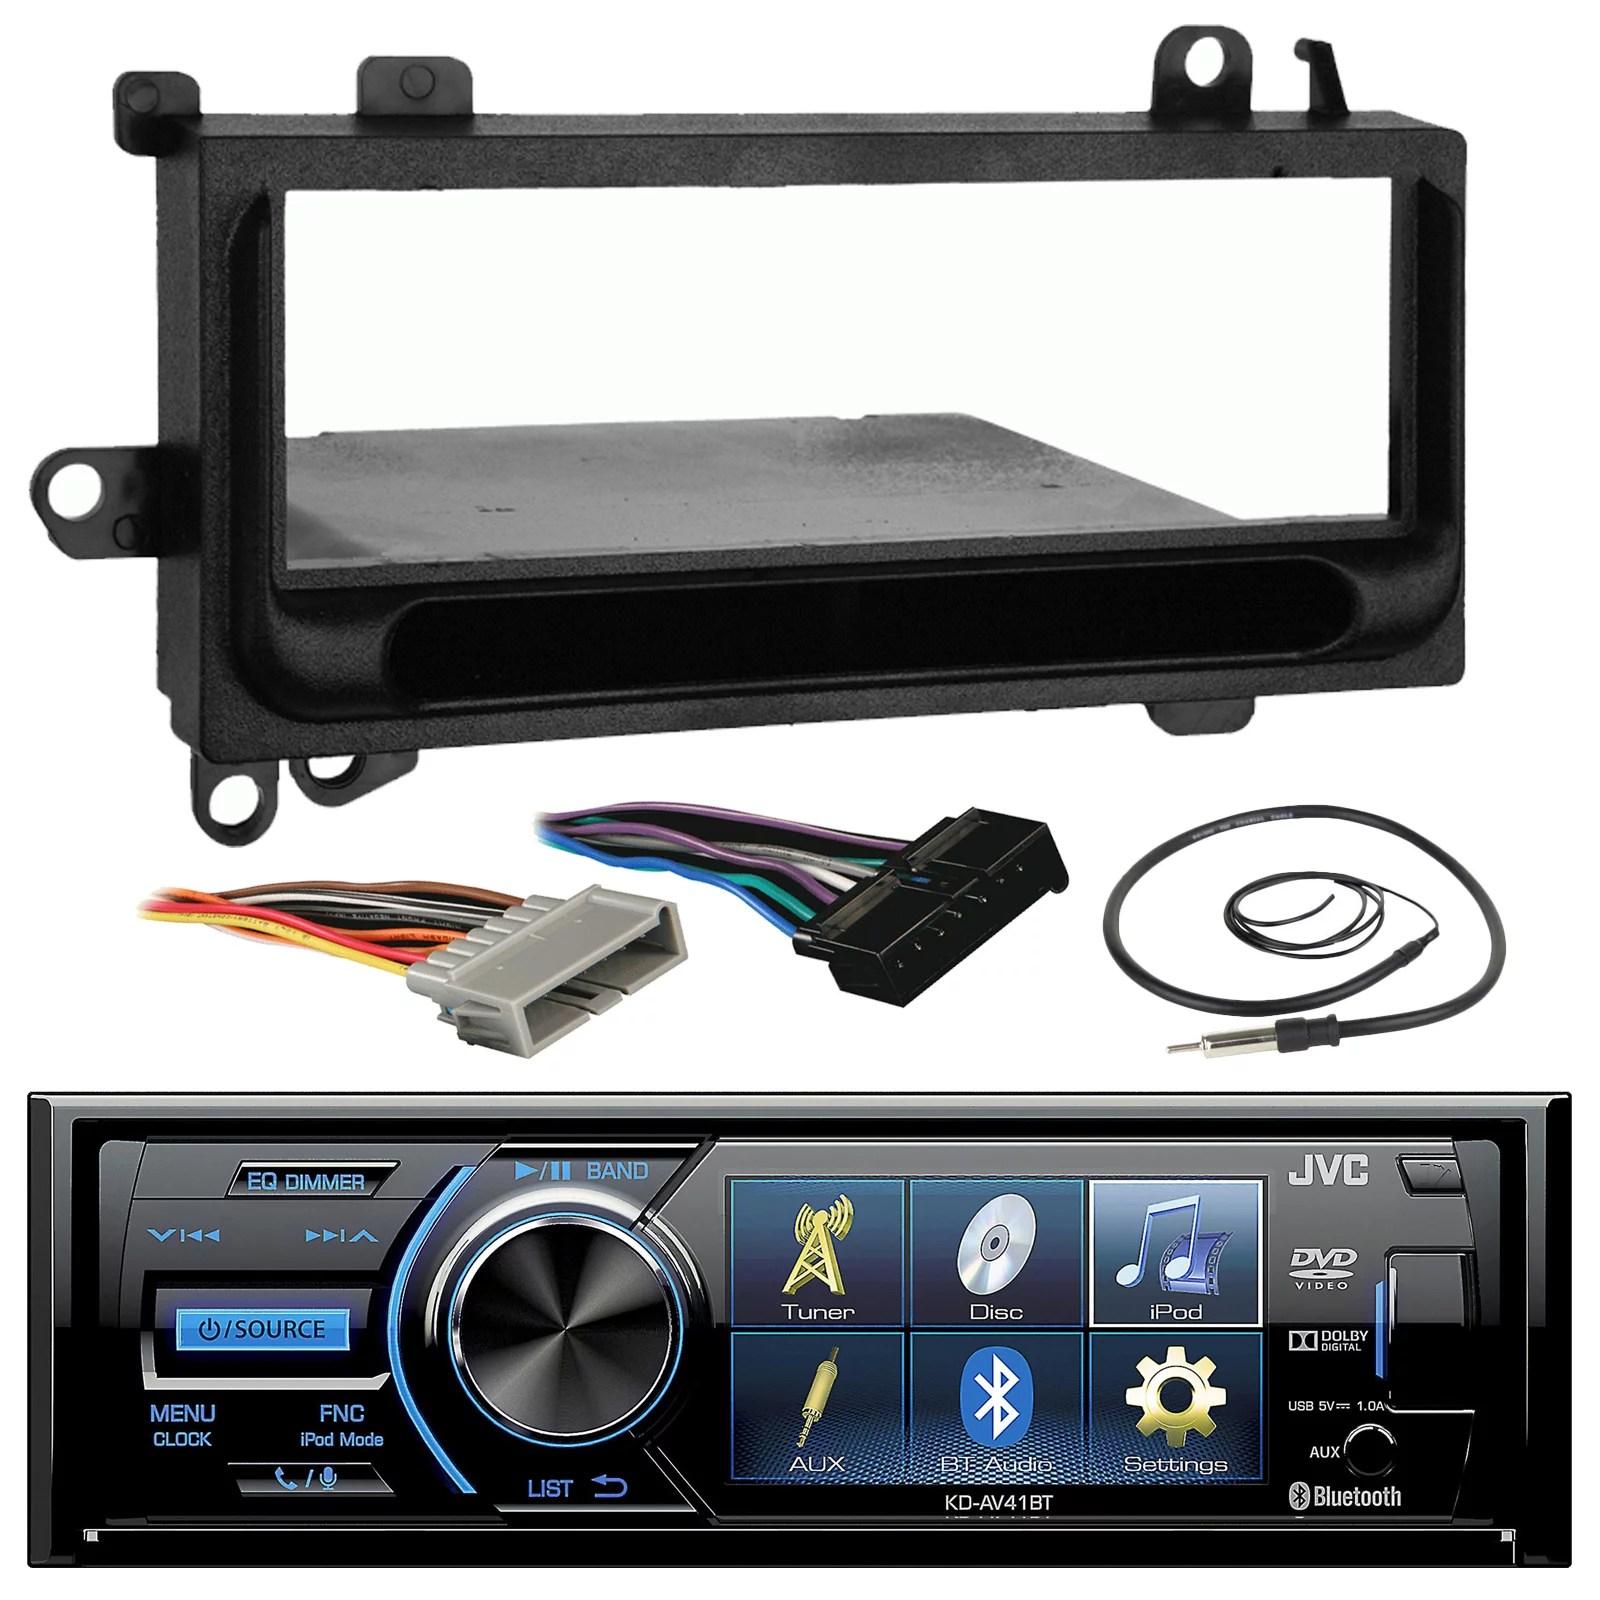 medium resolution of jvc kd av41bt 3 inch bluetooth in dash cd car stereo audio receiverjvc kd av41bt 3 inch bluetooth in dash cd car stereo audio receiver